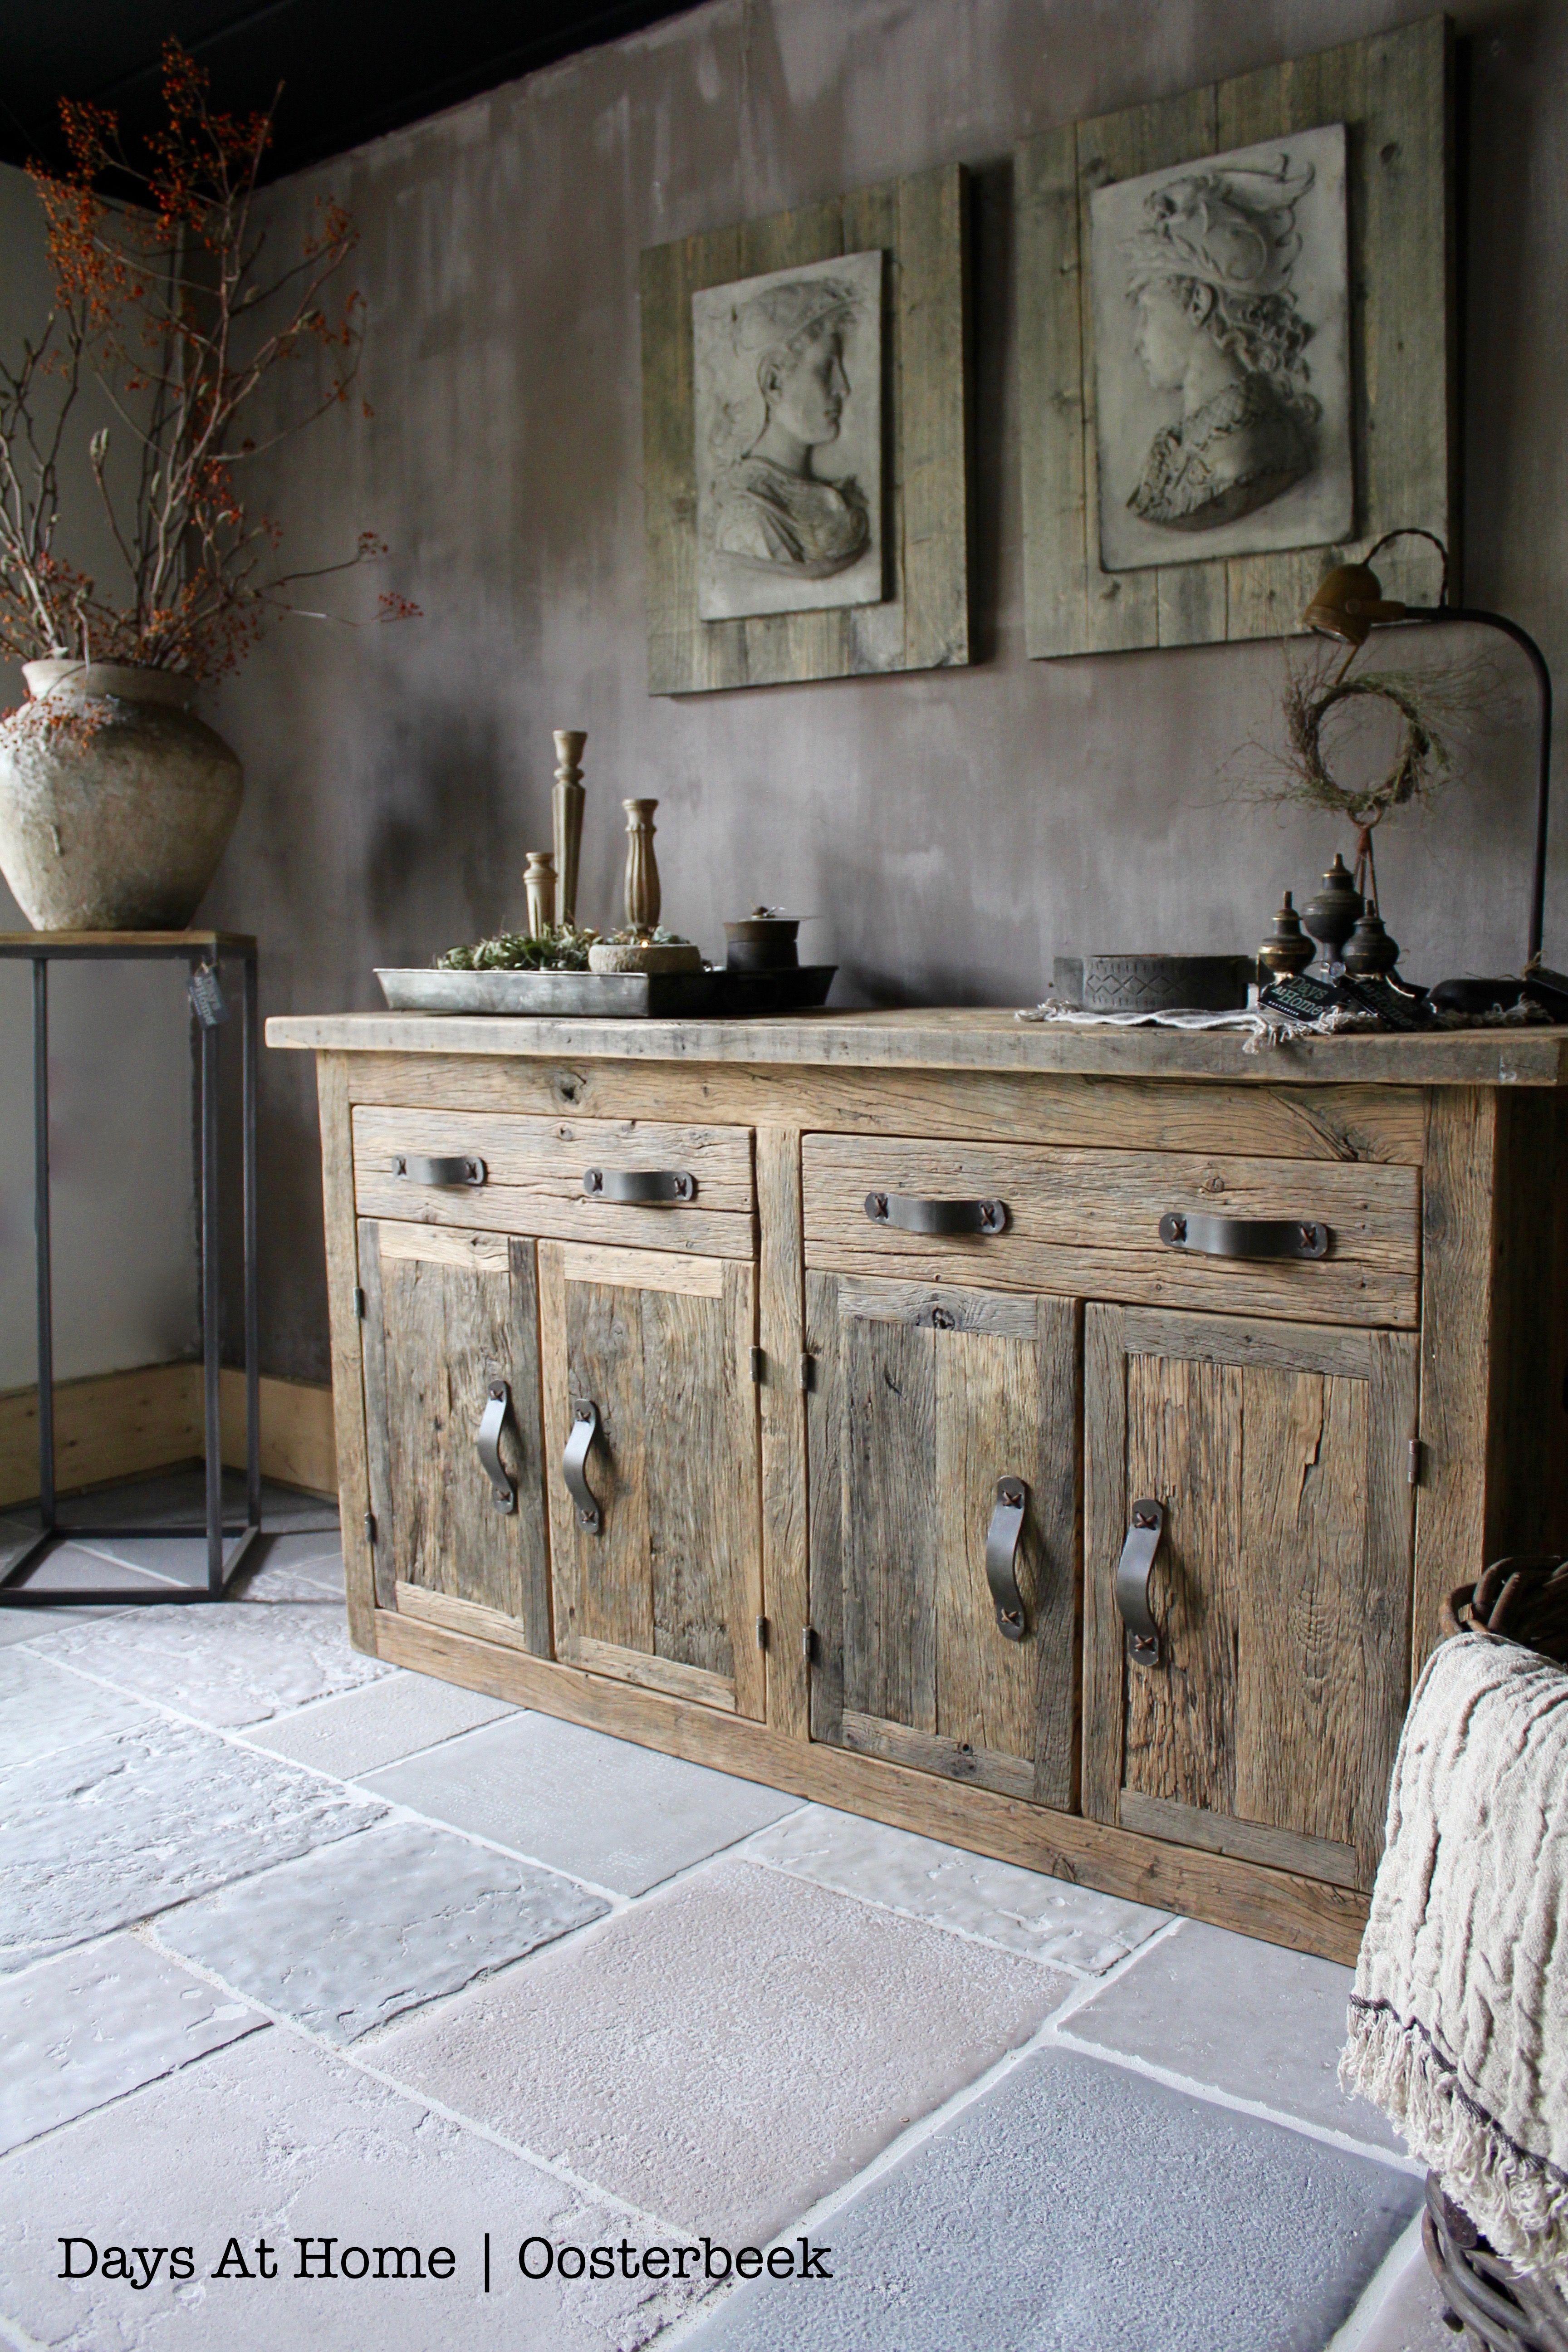 Wood B Kast Arnoud Schneider Raw Stones Vloer Raw Stones Karakteristieke Vloeren Unieke Vloer Kasteelvloer Home Decor Keuken Rustiek Huis Huis Interieur